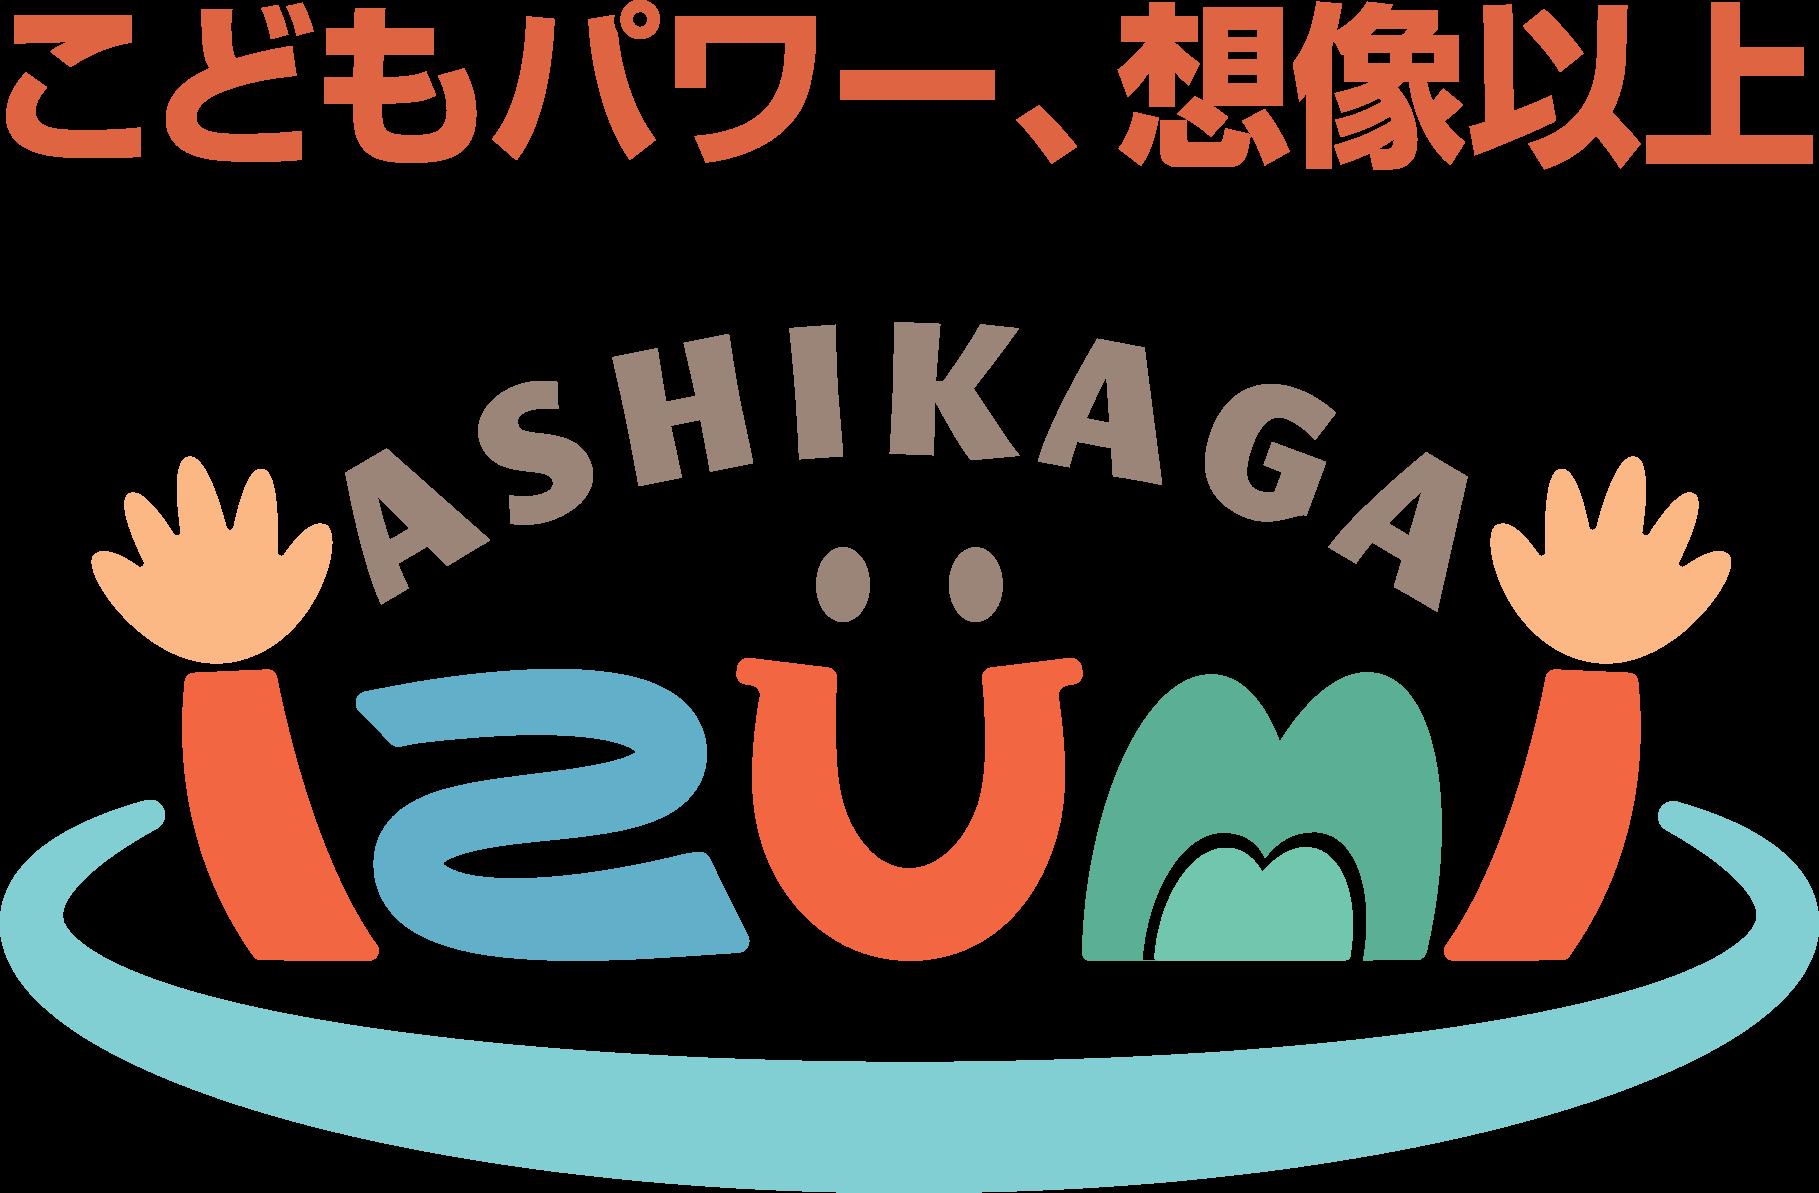 ASHIKAGA IZUMI